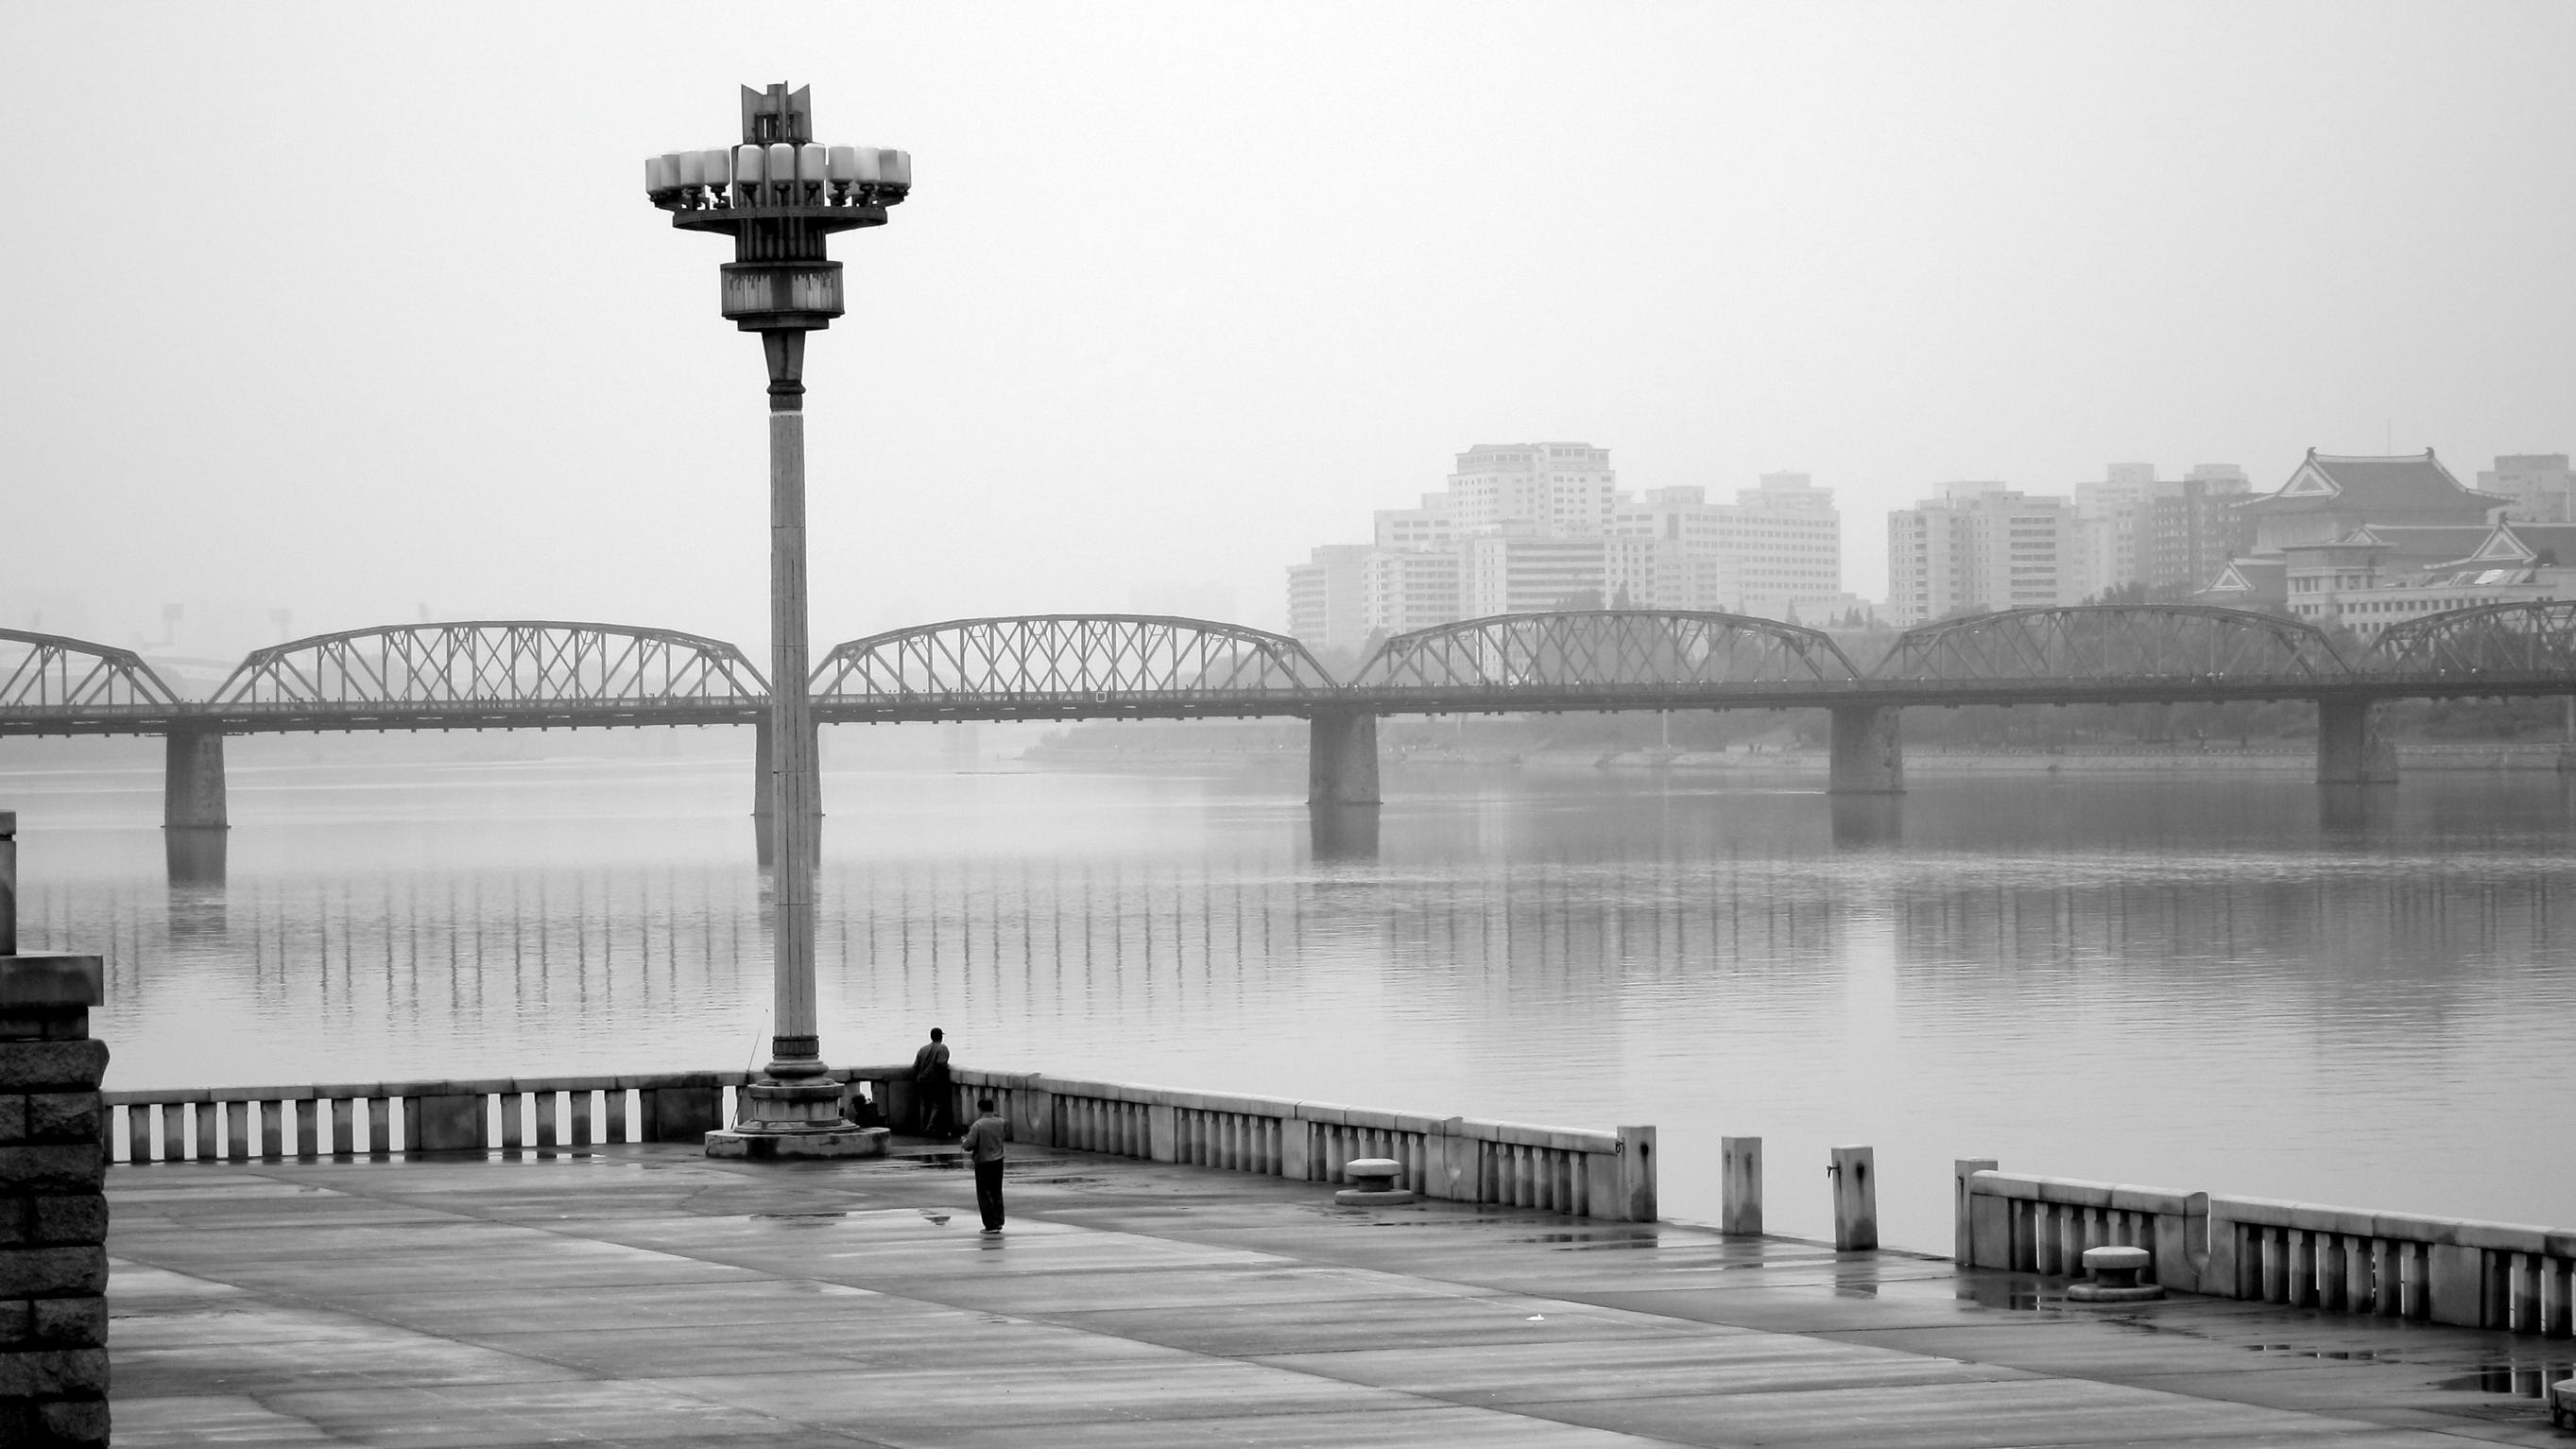 pyongyang11